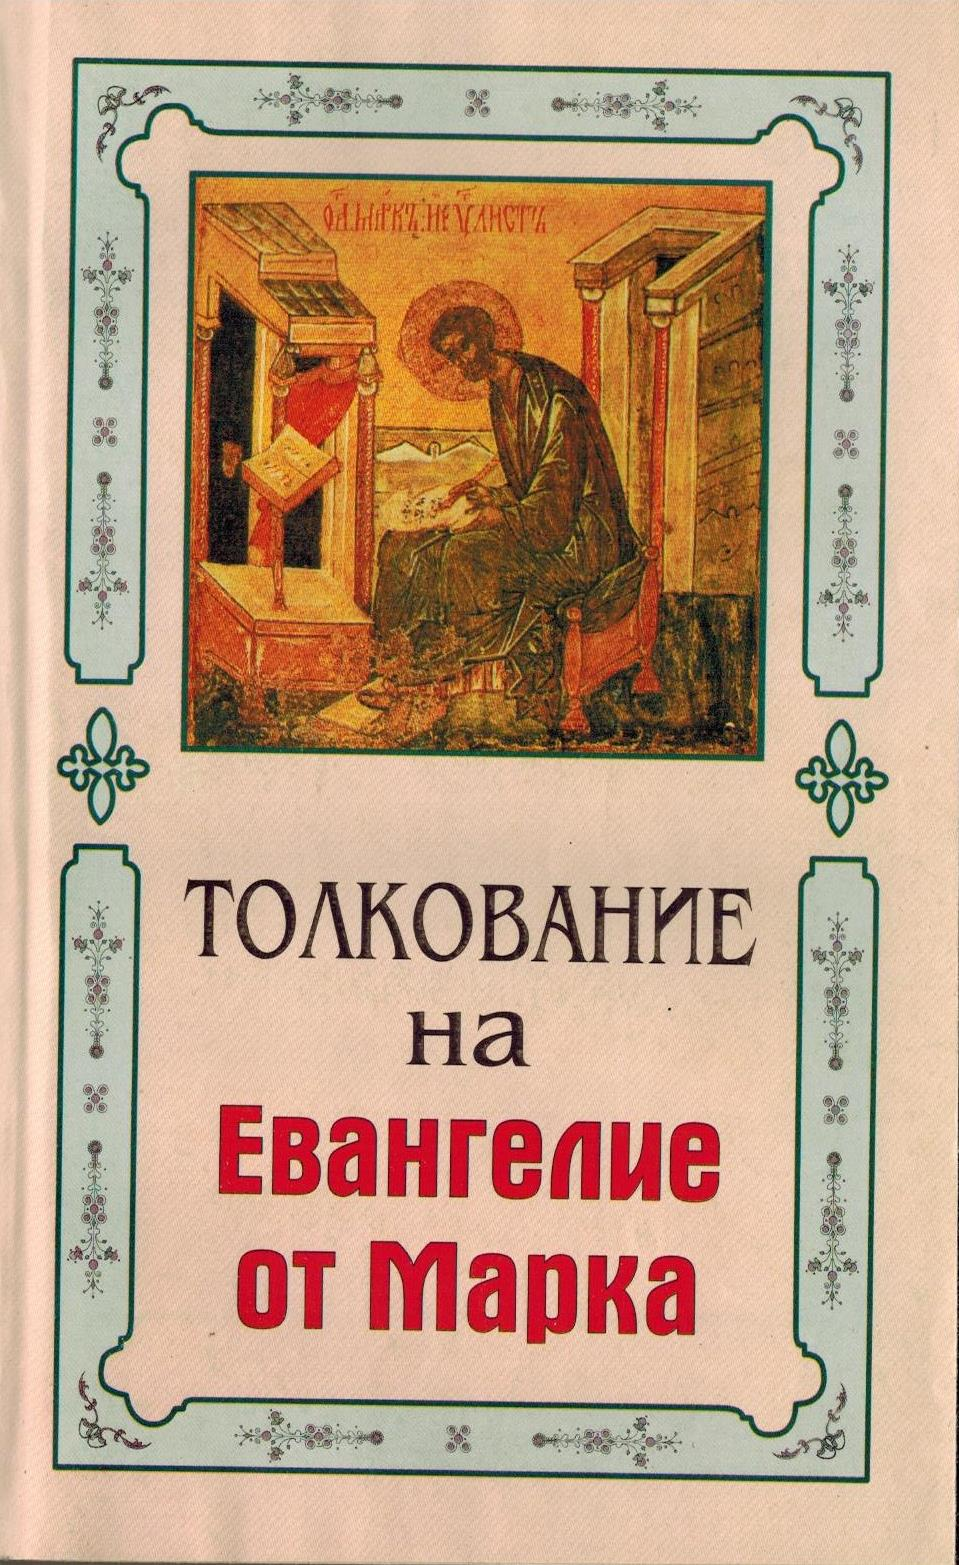 Евангелие от марка — pic 11